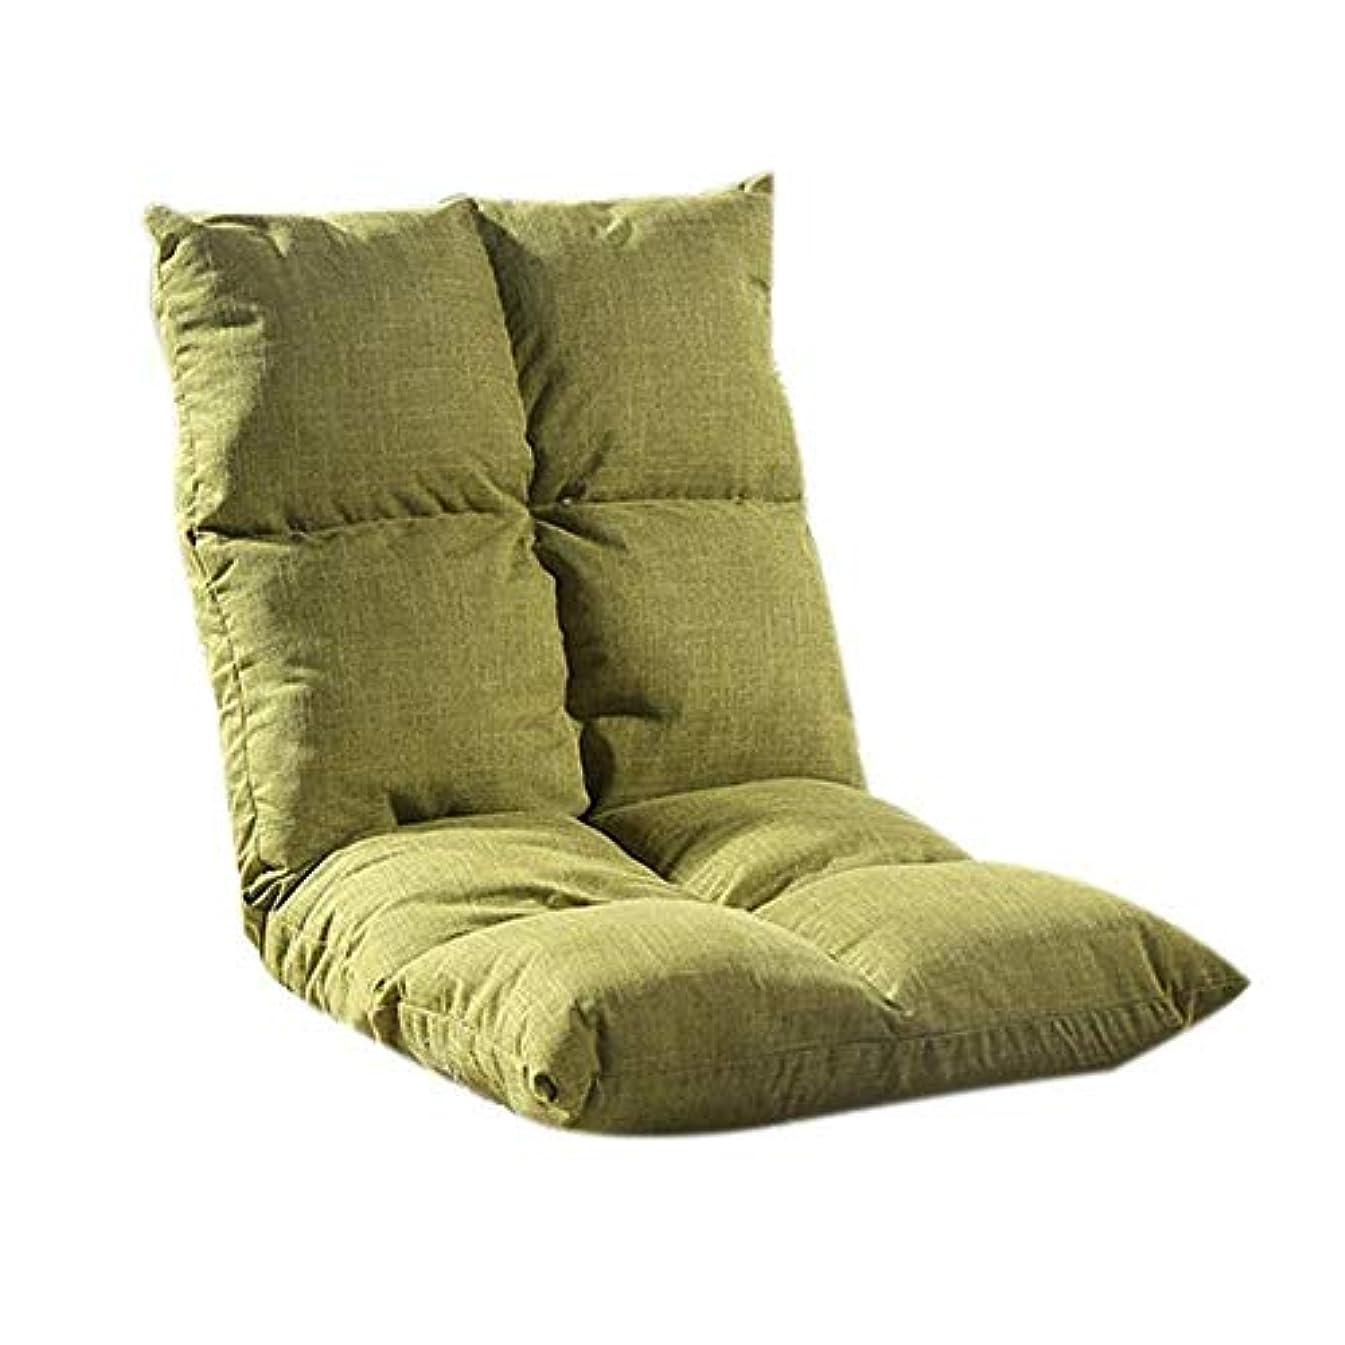 プロフィール空気育成怠zyなフロアチェア、畳クッション、シングルメディテーションチェア、背もたれ一体型フロアクッション、折りたたみ式厚手バルコニー和風、調節可能な椅子怠Adjustなソファゲームチェア (Color : 緑)